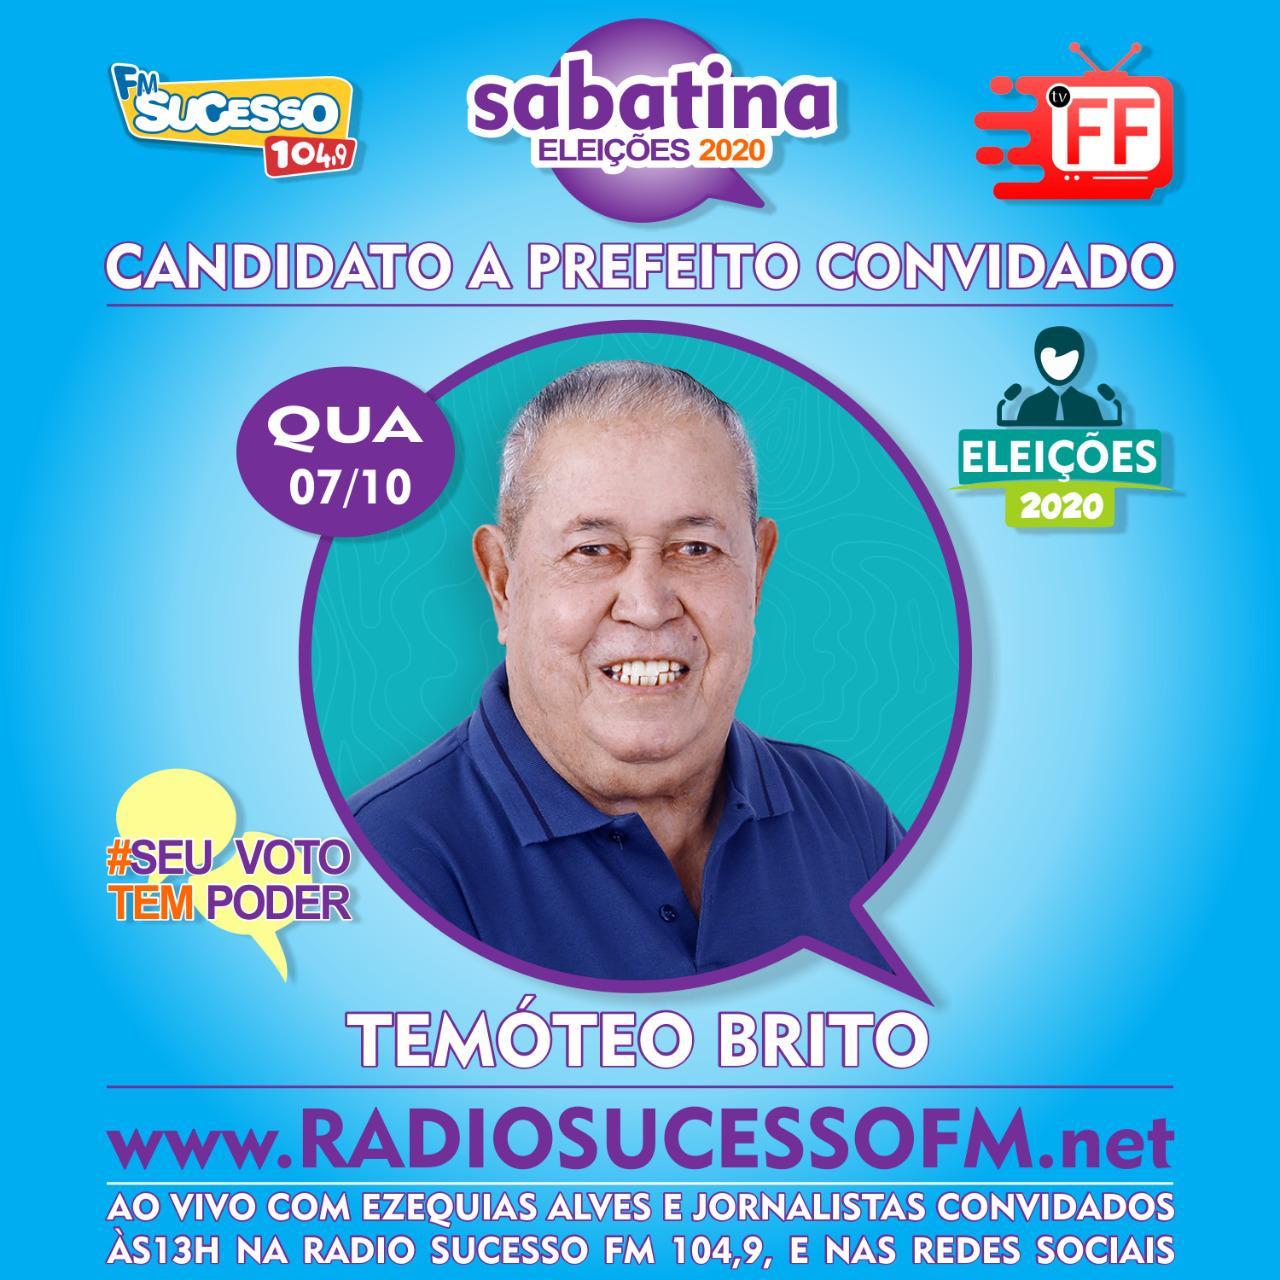 Terça de sabatina na Rádio Sucesso 104,9 FM e TVFF